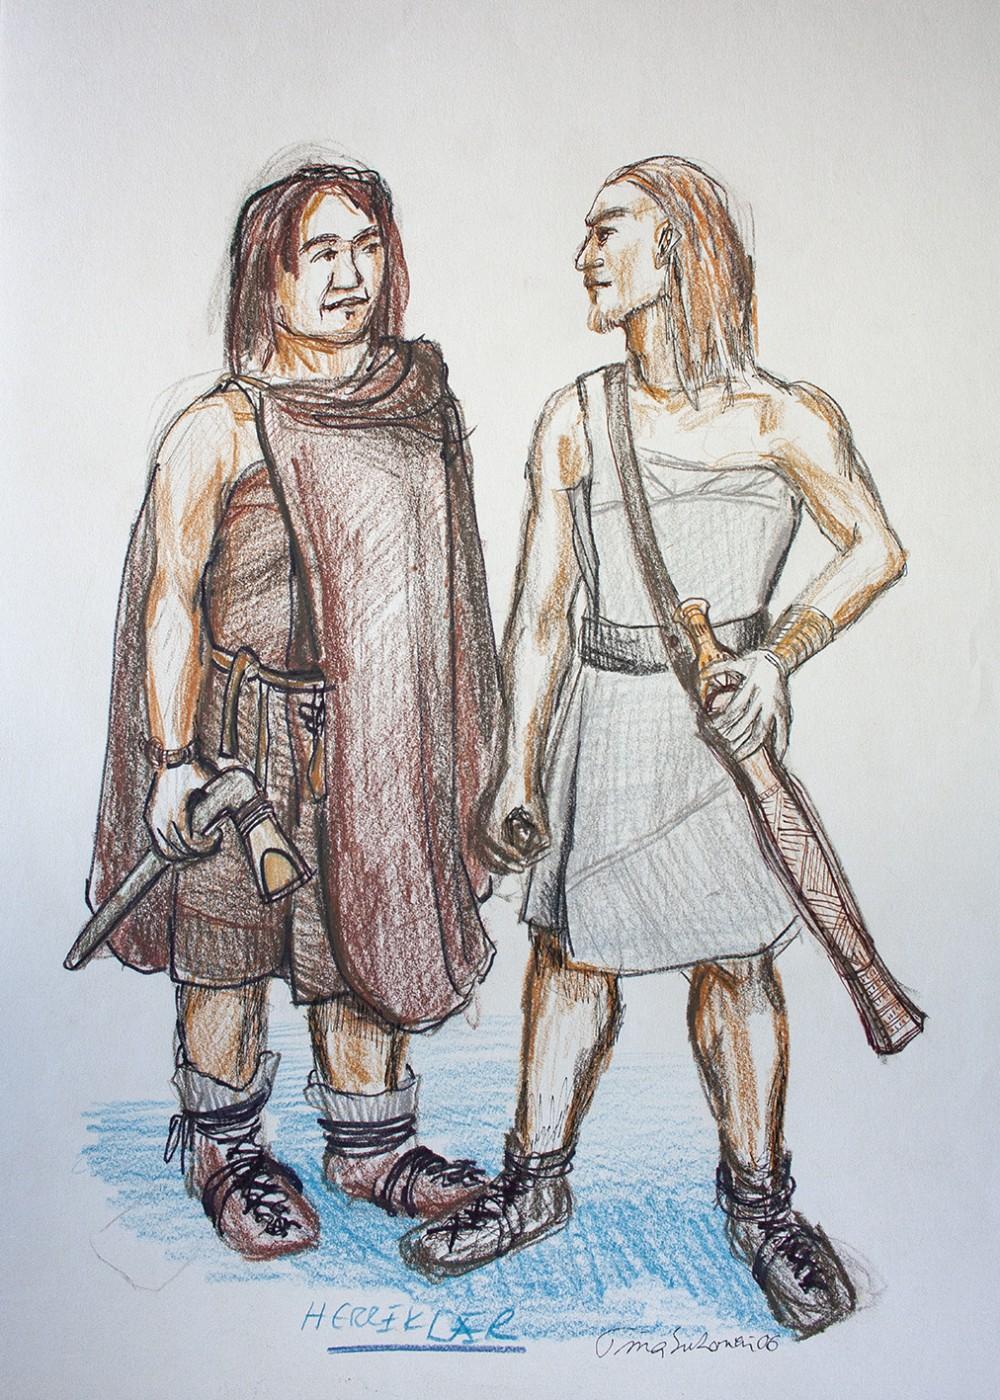 To menn ikledd bronsealderkostymer med kapper og sko. Den ene mannen er utstyrt med et sverd og den andre med en øks.